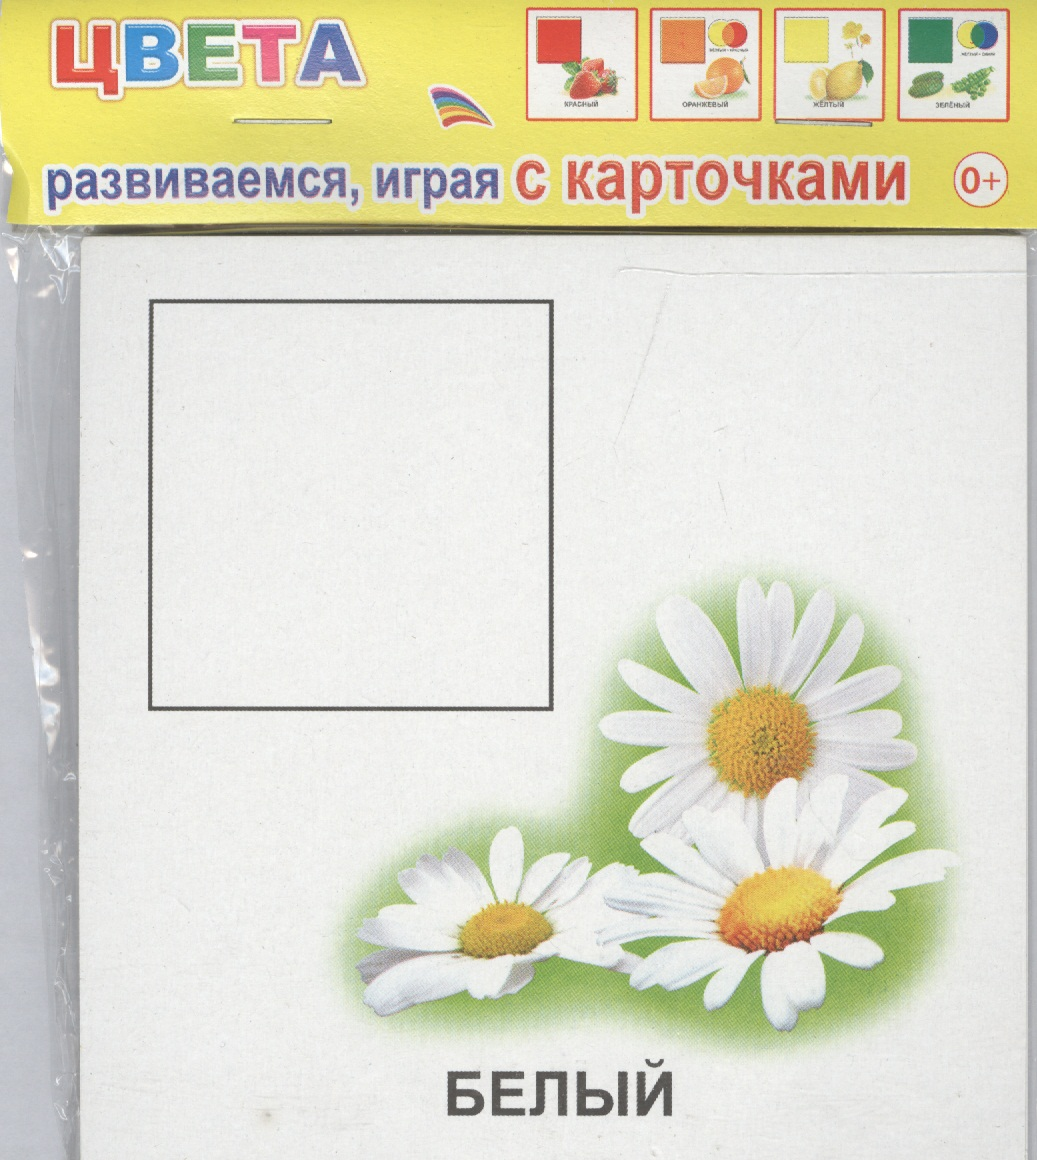 Обучающие карточки. Цвета улыбка обучающие карточки одежда